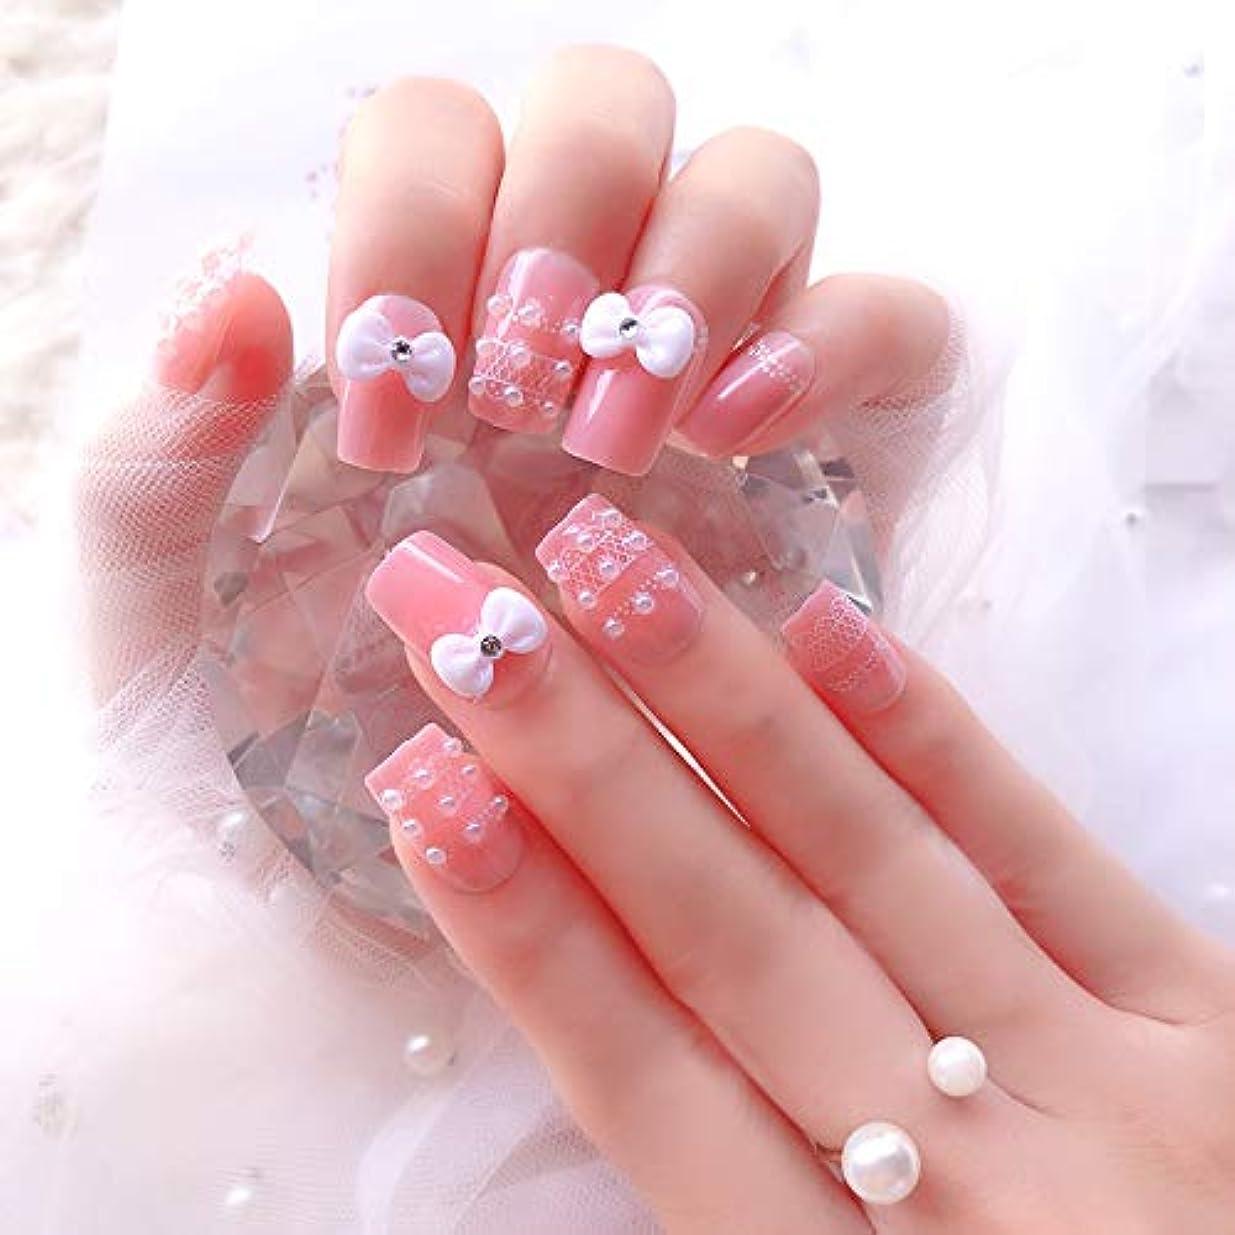 もっと少なく不注意組み込む花嫁ネイル 手作りネイルチップ 和装 ネイル 24枚入 結婚式、パーティー、二次会など 可愛い優雅ネイル 蝶の飾り付け (ピンク)